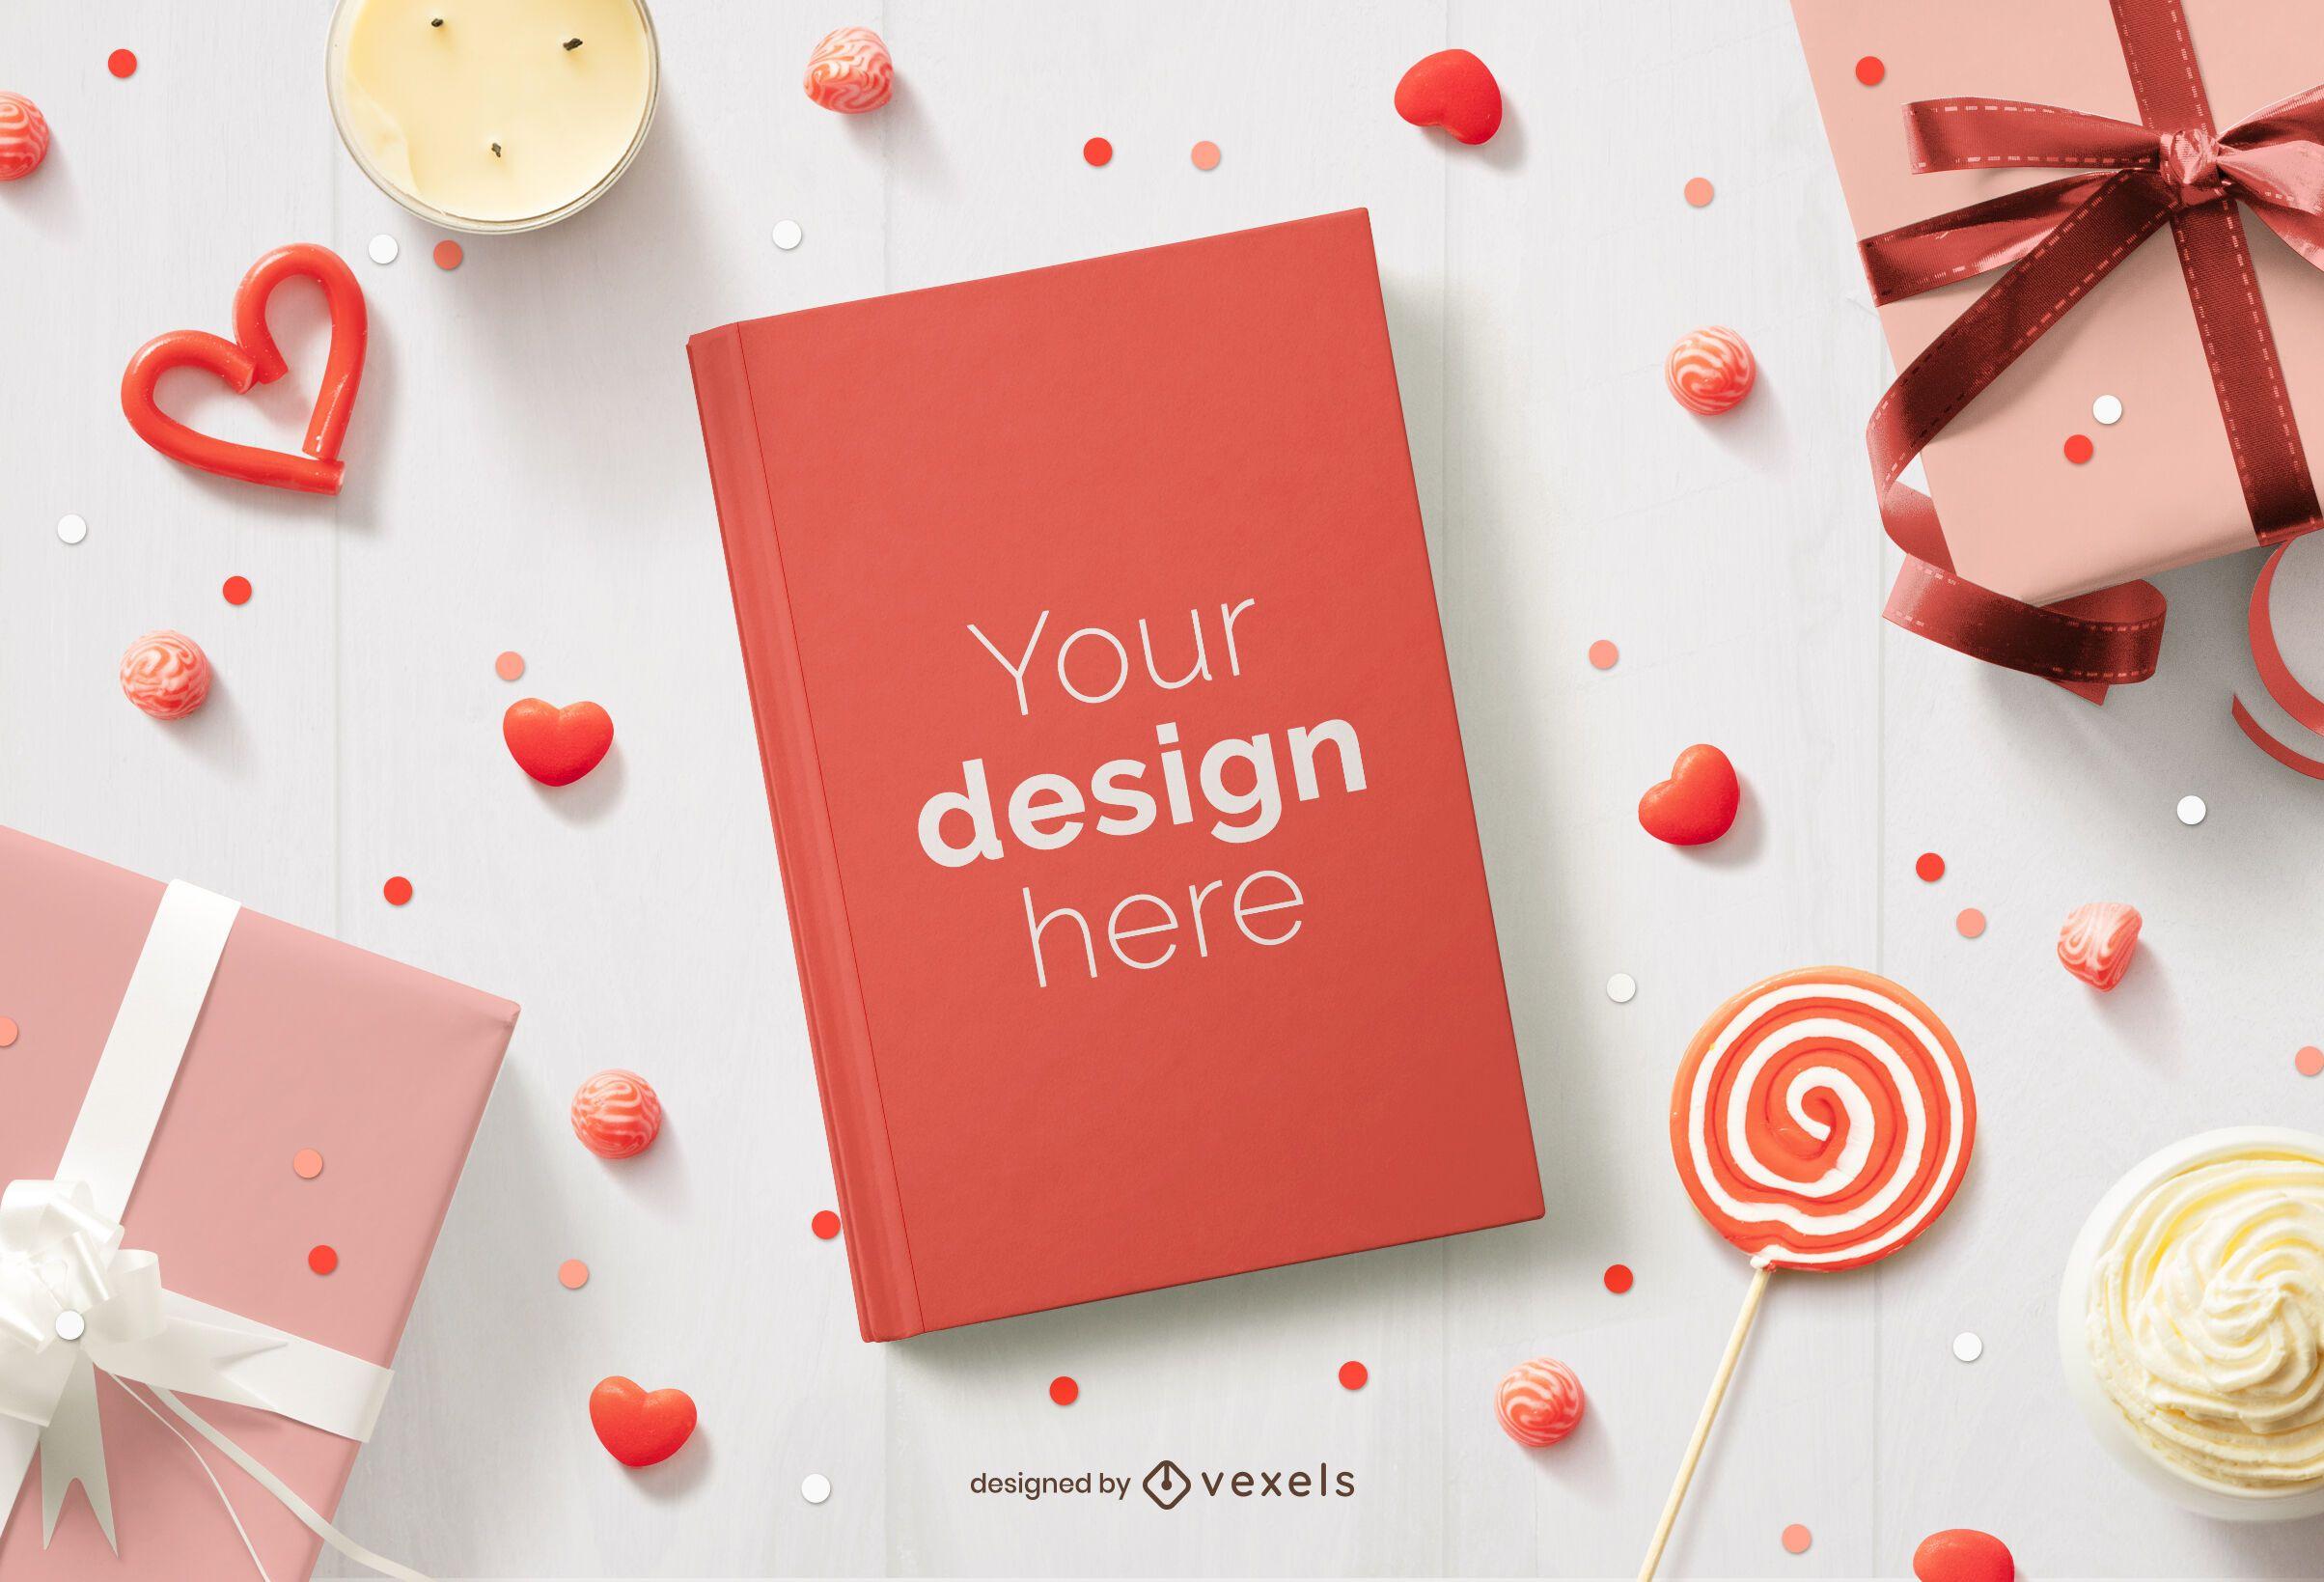 Composição da maquete da capa do livro para o dia dos namorados